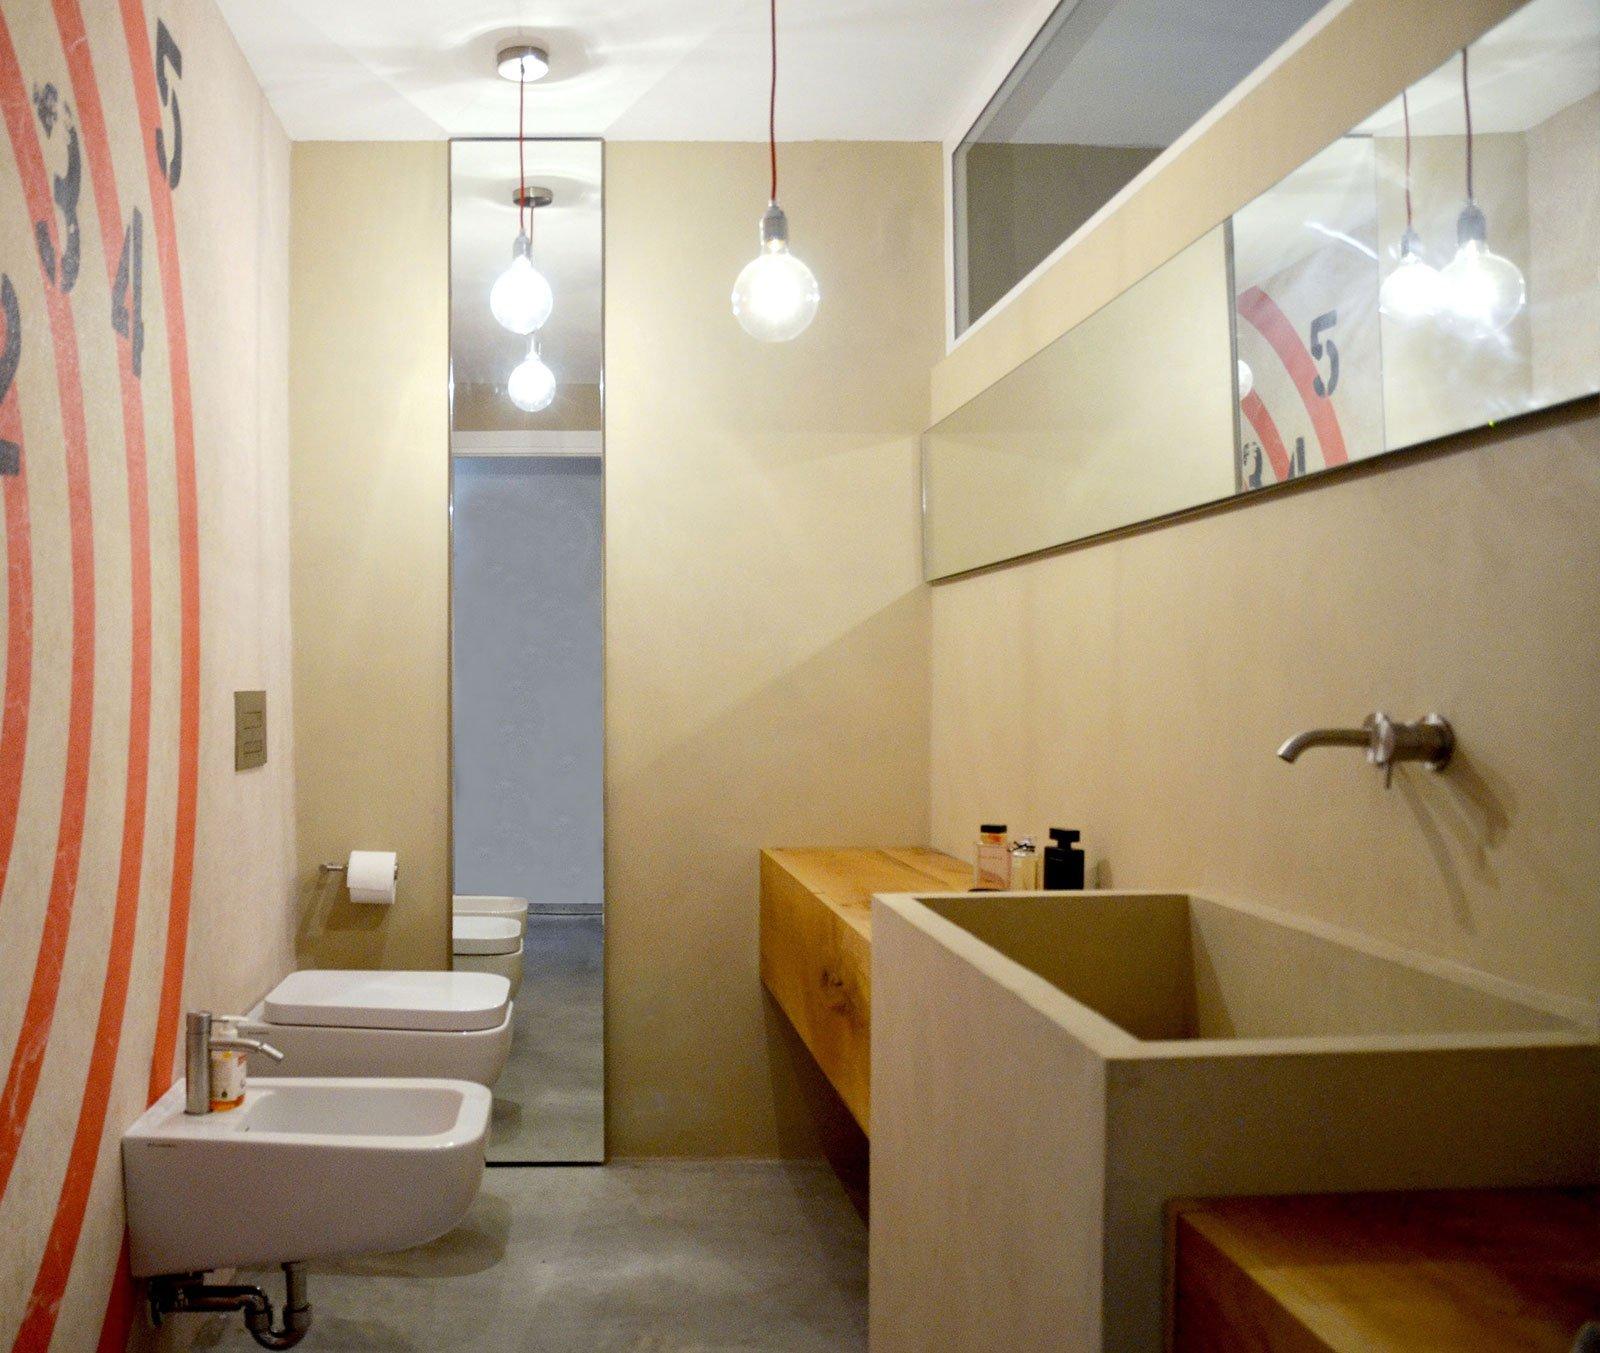 Resina rivestimenti per pavimenti pareti piani di lavoro e soffitti cose di casa - Rivestimento bagno resina ...